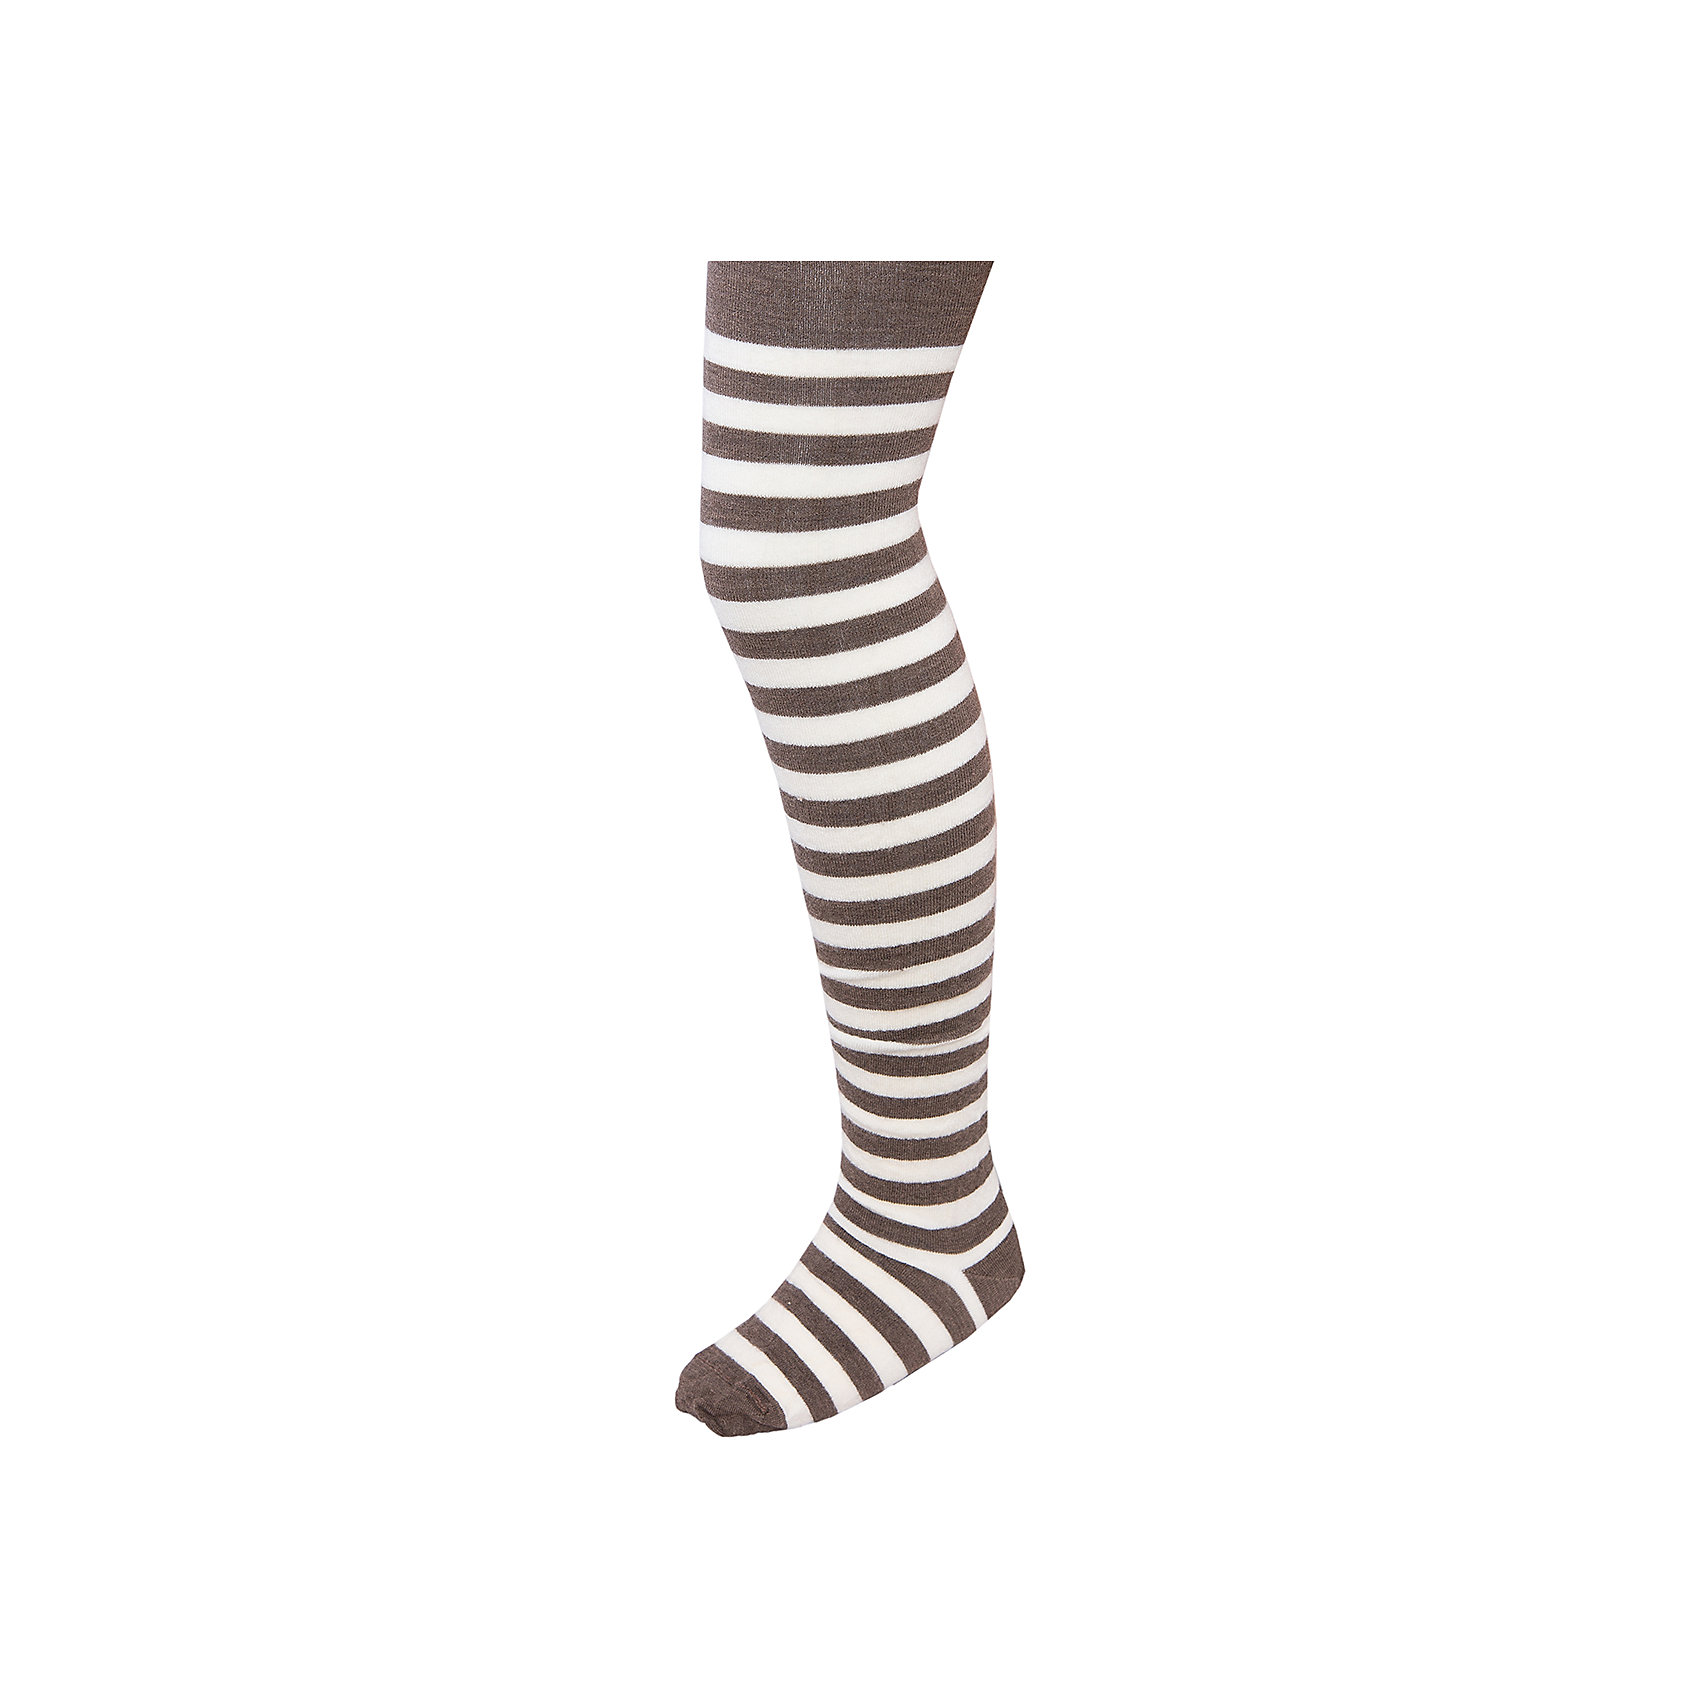 Колготки NorvegКолготки от известного бренда Norveg<br><br>Термоколготки Norveg Merino Wool от немецкой компании Norveg (Норвег) - это удобная и красивая одежда, которая обеспечит комфортную терморегуляцию тела и на улице, и в помещении. <br>Они сделаны из шерсти мериноса (австралийской тонкорунной овцы), которая обладает гипоаллергенными свойствами, поэтому не вызывает раздражения, даже если надета на голое тело. <br>Отличительные особенности модели:<br><br>- цвет: коричневый с полосами;<br>- швы плоские, не натирают и не мешают движению;<br>- анатомические резинки;<br>- материал впитывает влагу и сразу выводит наружу;<br>- анатомический крой;<br>- подходит и мальчикам, и девочкам;<br>- не мешает под одеждой.<br><br>Дополнительная информация:<br><br>- Температурный режим: от - 30° С  до +5° С.<br><br>- Состав: 100% шерсть мериносов<br><br>Колготки Norveg (Норвег) можно купить в нашем магазине.<br><br>Ширина мм: 123<br>Глубина мм: 10<br>Высота мм: 149<br>Вес г: 209<br>Цвет: бежевый<br>Возраст от месяцев: 96<br>Возраст до месяцев: 108<br>Пол: Унисекс<br>Возраст: Детский<br>Размер: 134/140,110/116,98/104,86/92,74/80,122/128<br>SKU: 4224638